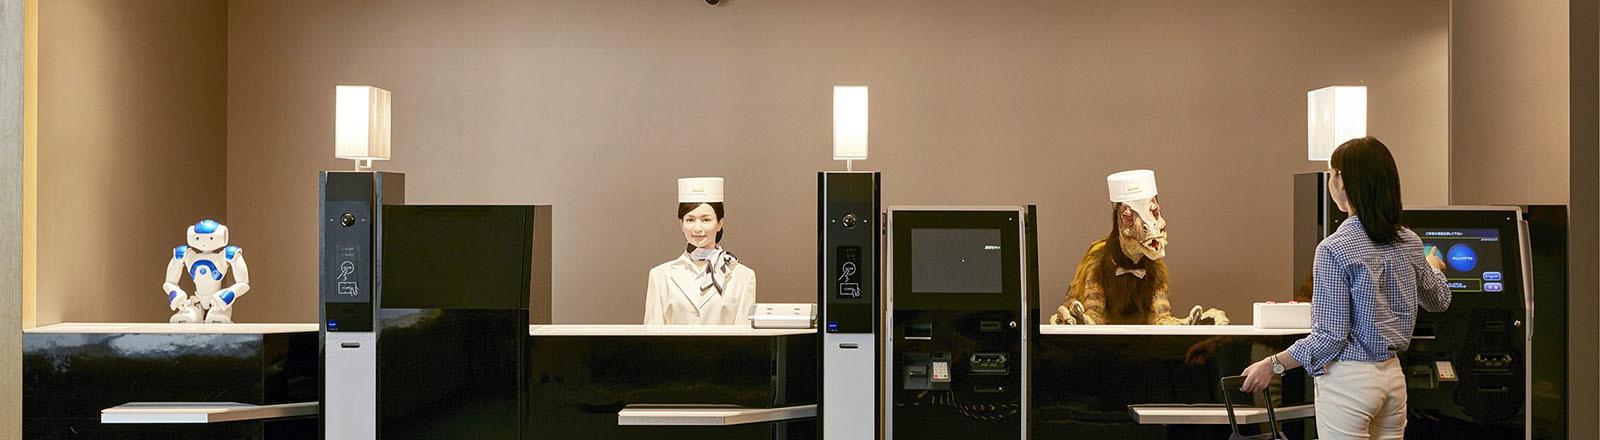 Hotelrezeption mit Robotern